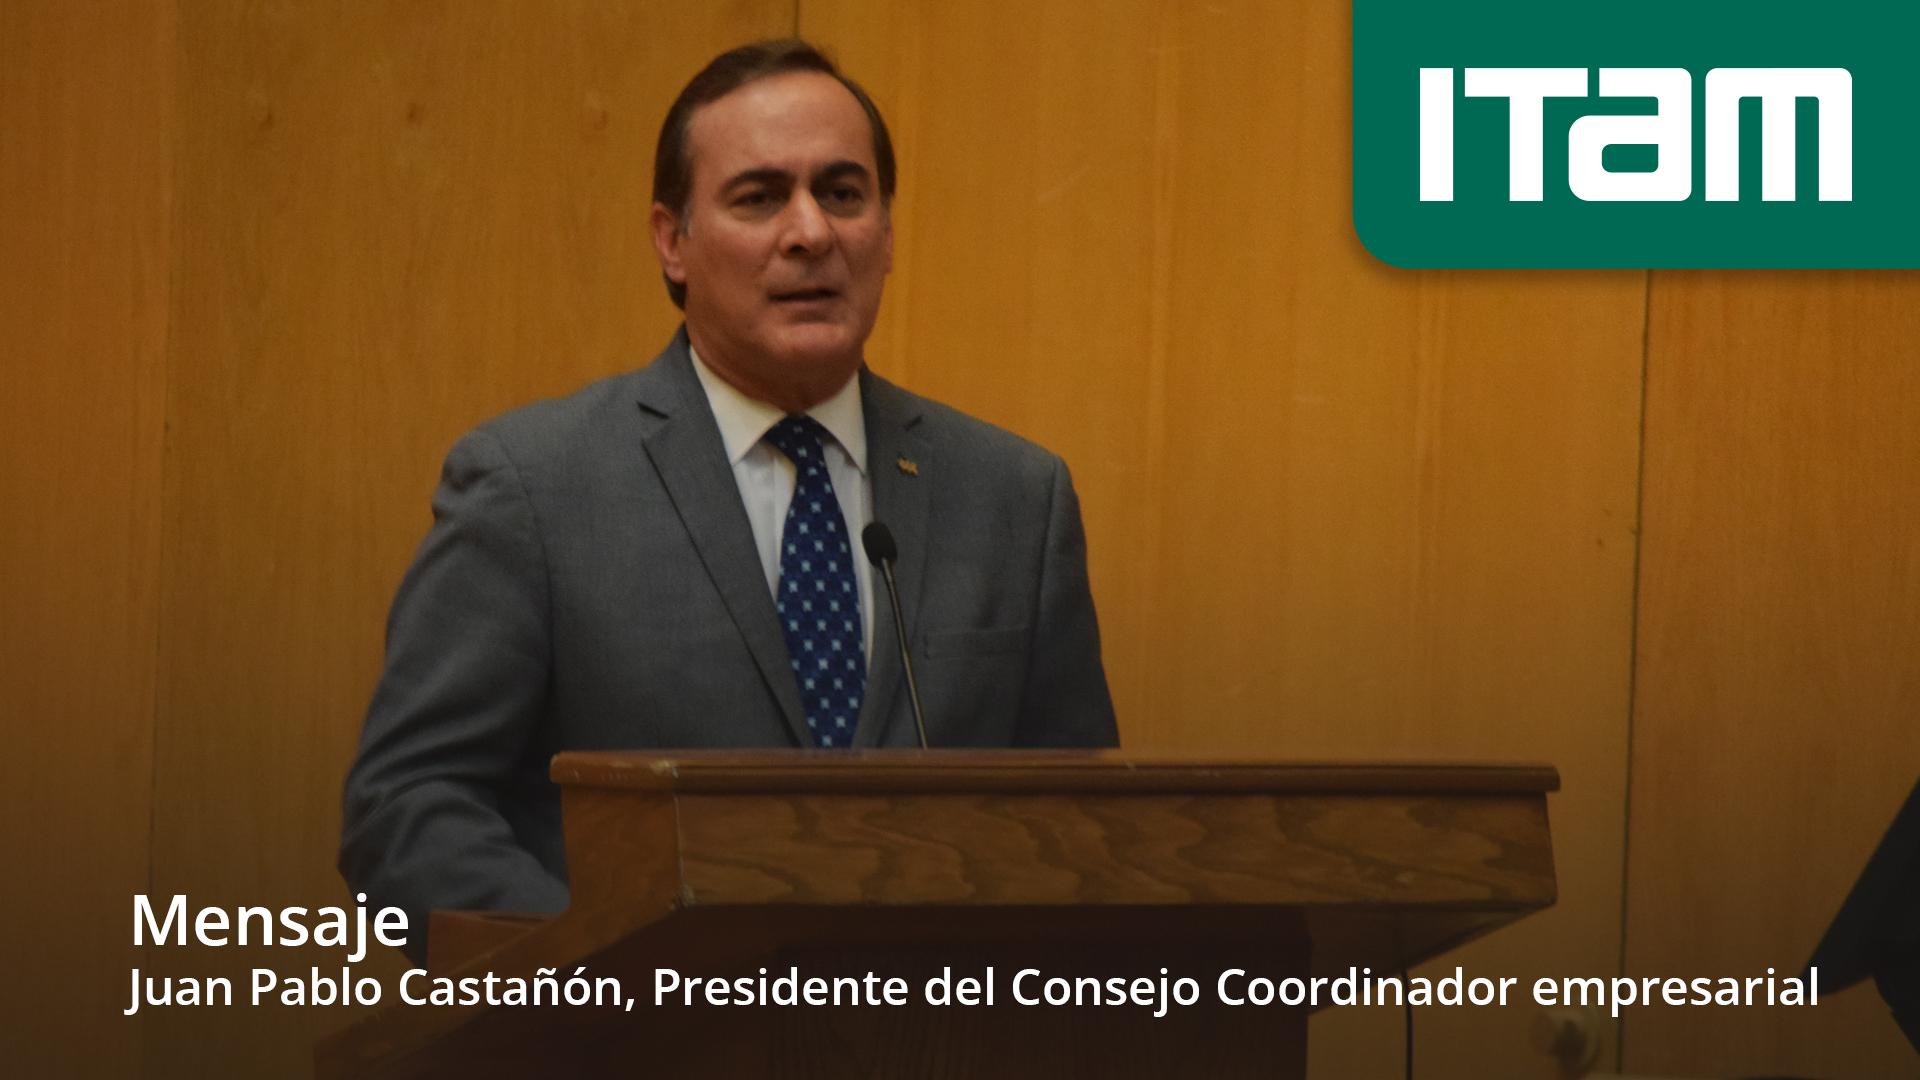 Mensaje -  Juan Pablo Castañón, Presidente del Consejo Coordinador empresarial